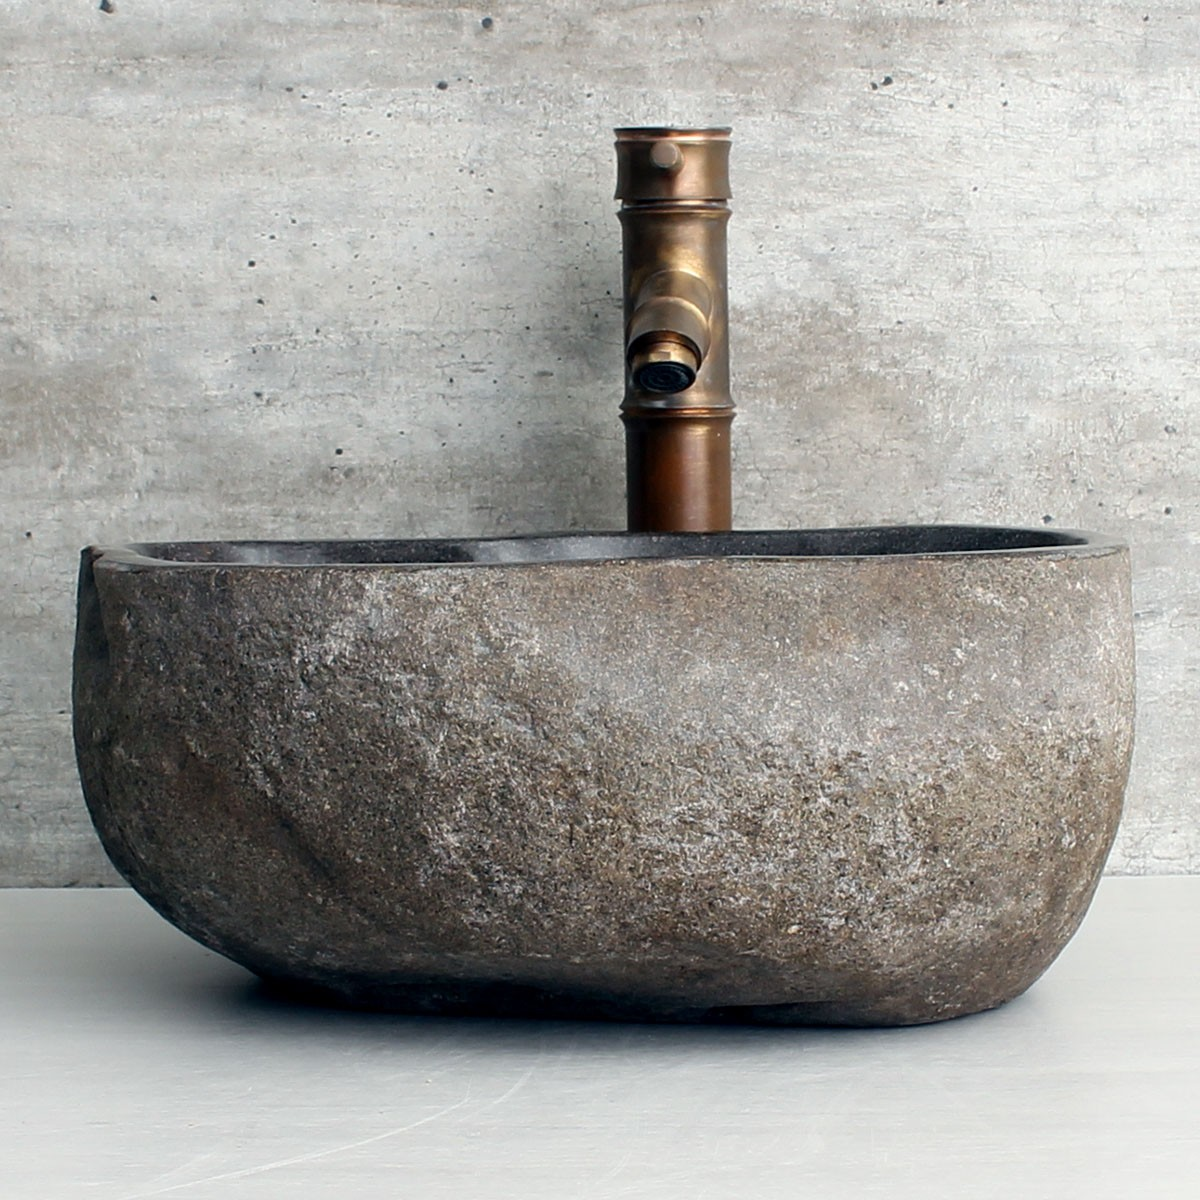 Cuba de Banheiro em Pedra Natural RS1167 36x31x15cm